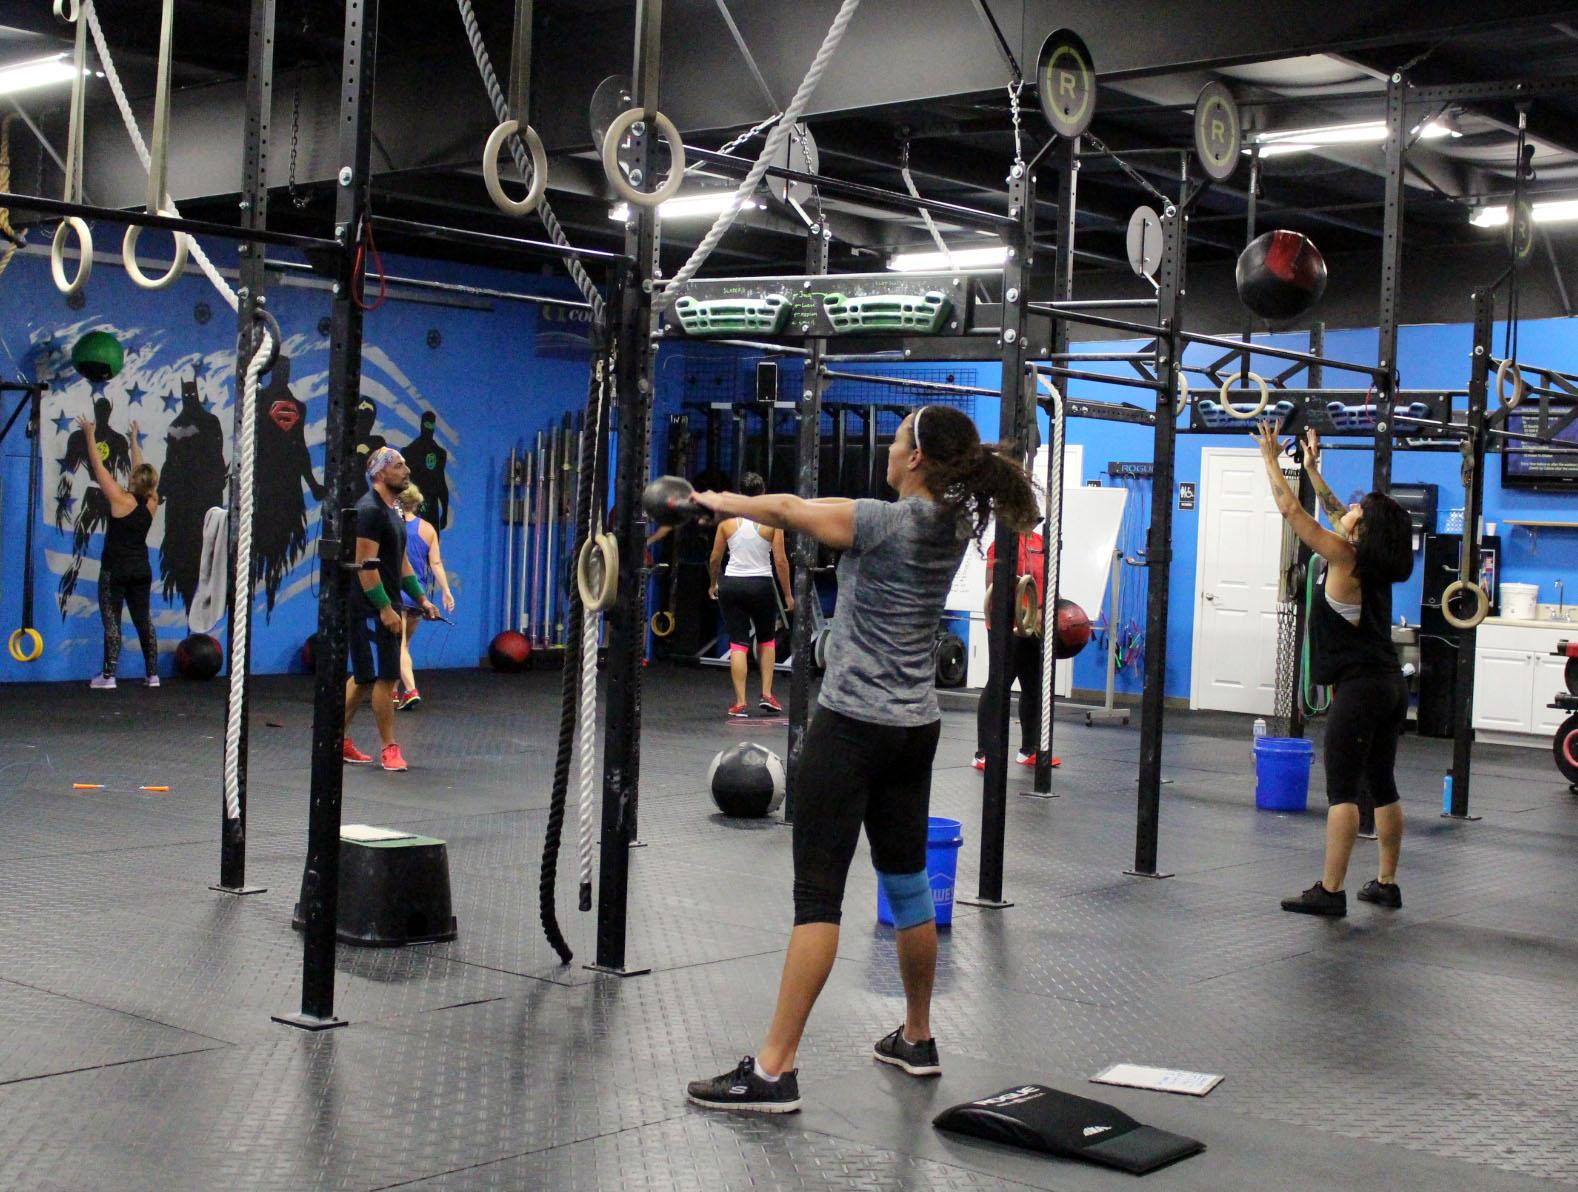 Swings & Wall Balls